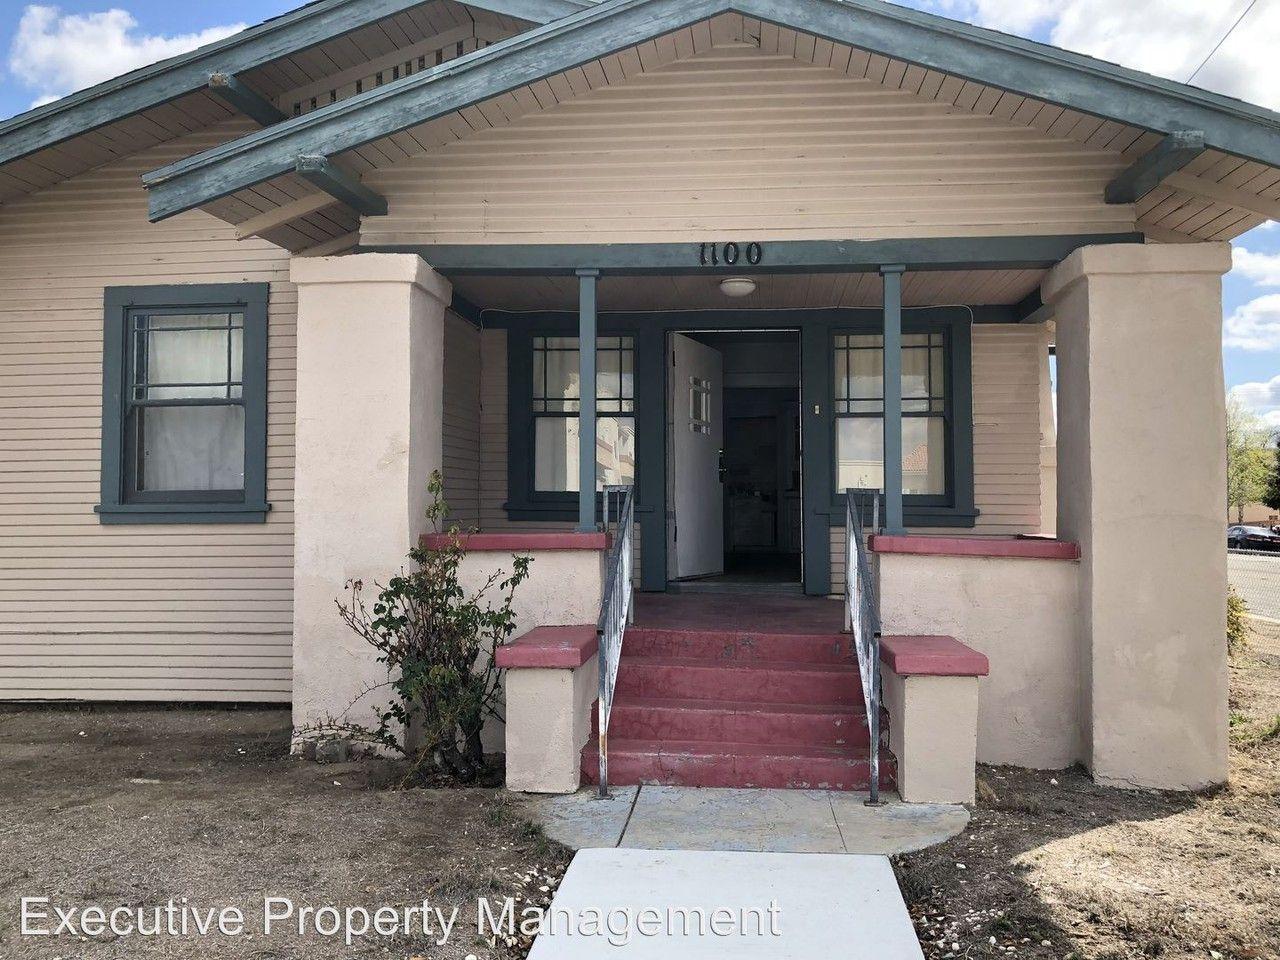 1100 N Street, Bakersfield, CA 93304 3 Bedroom House for ...